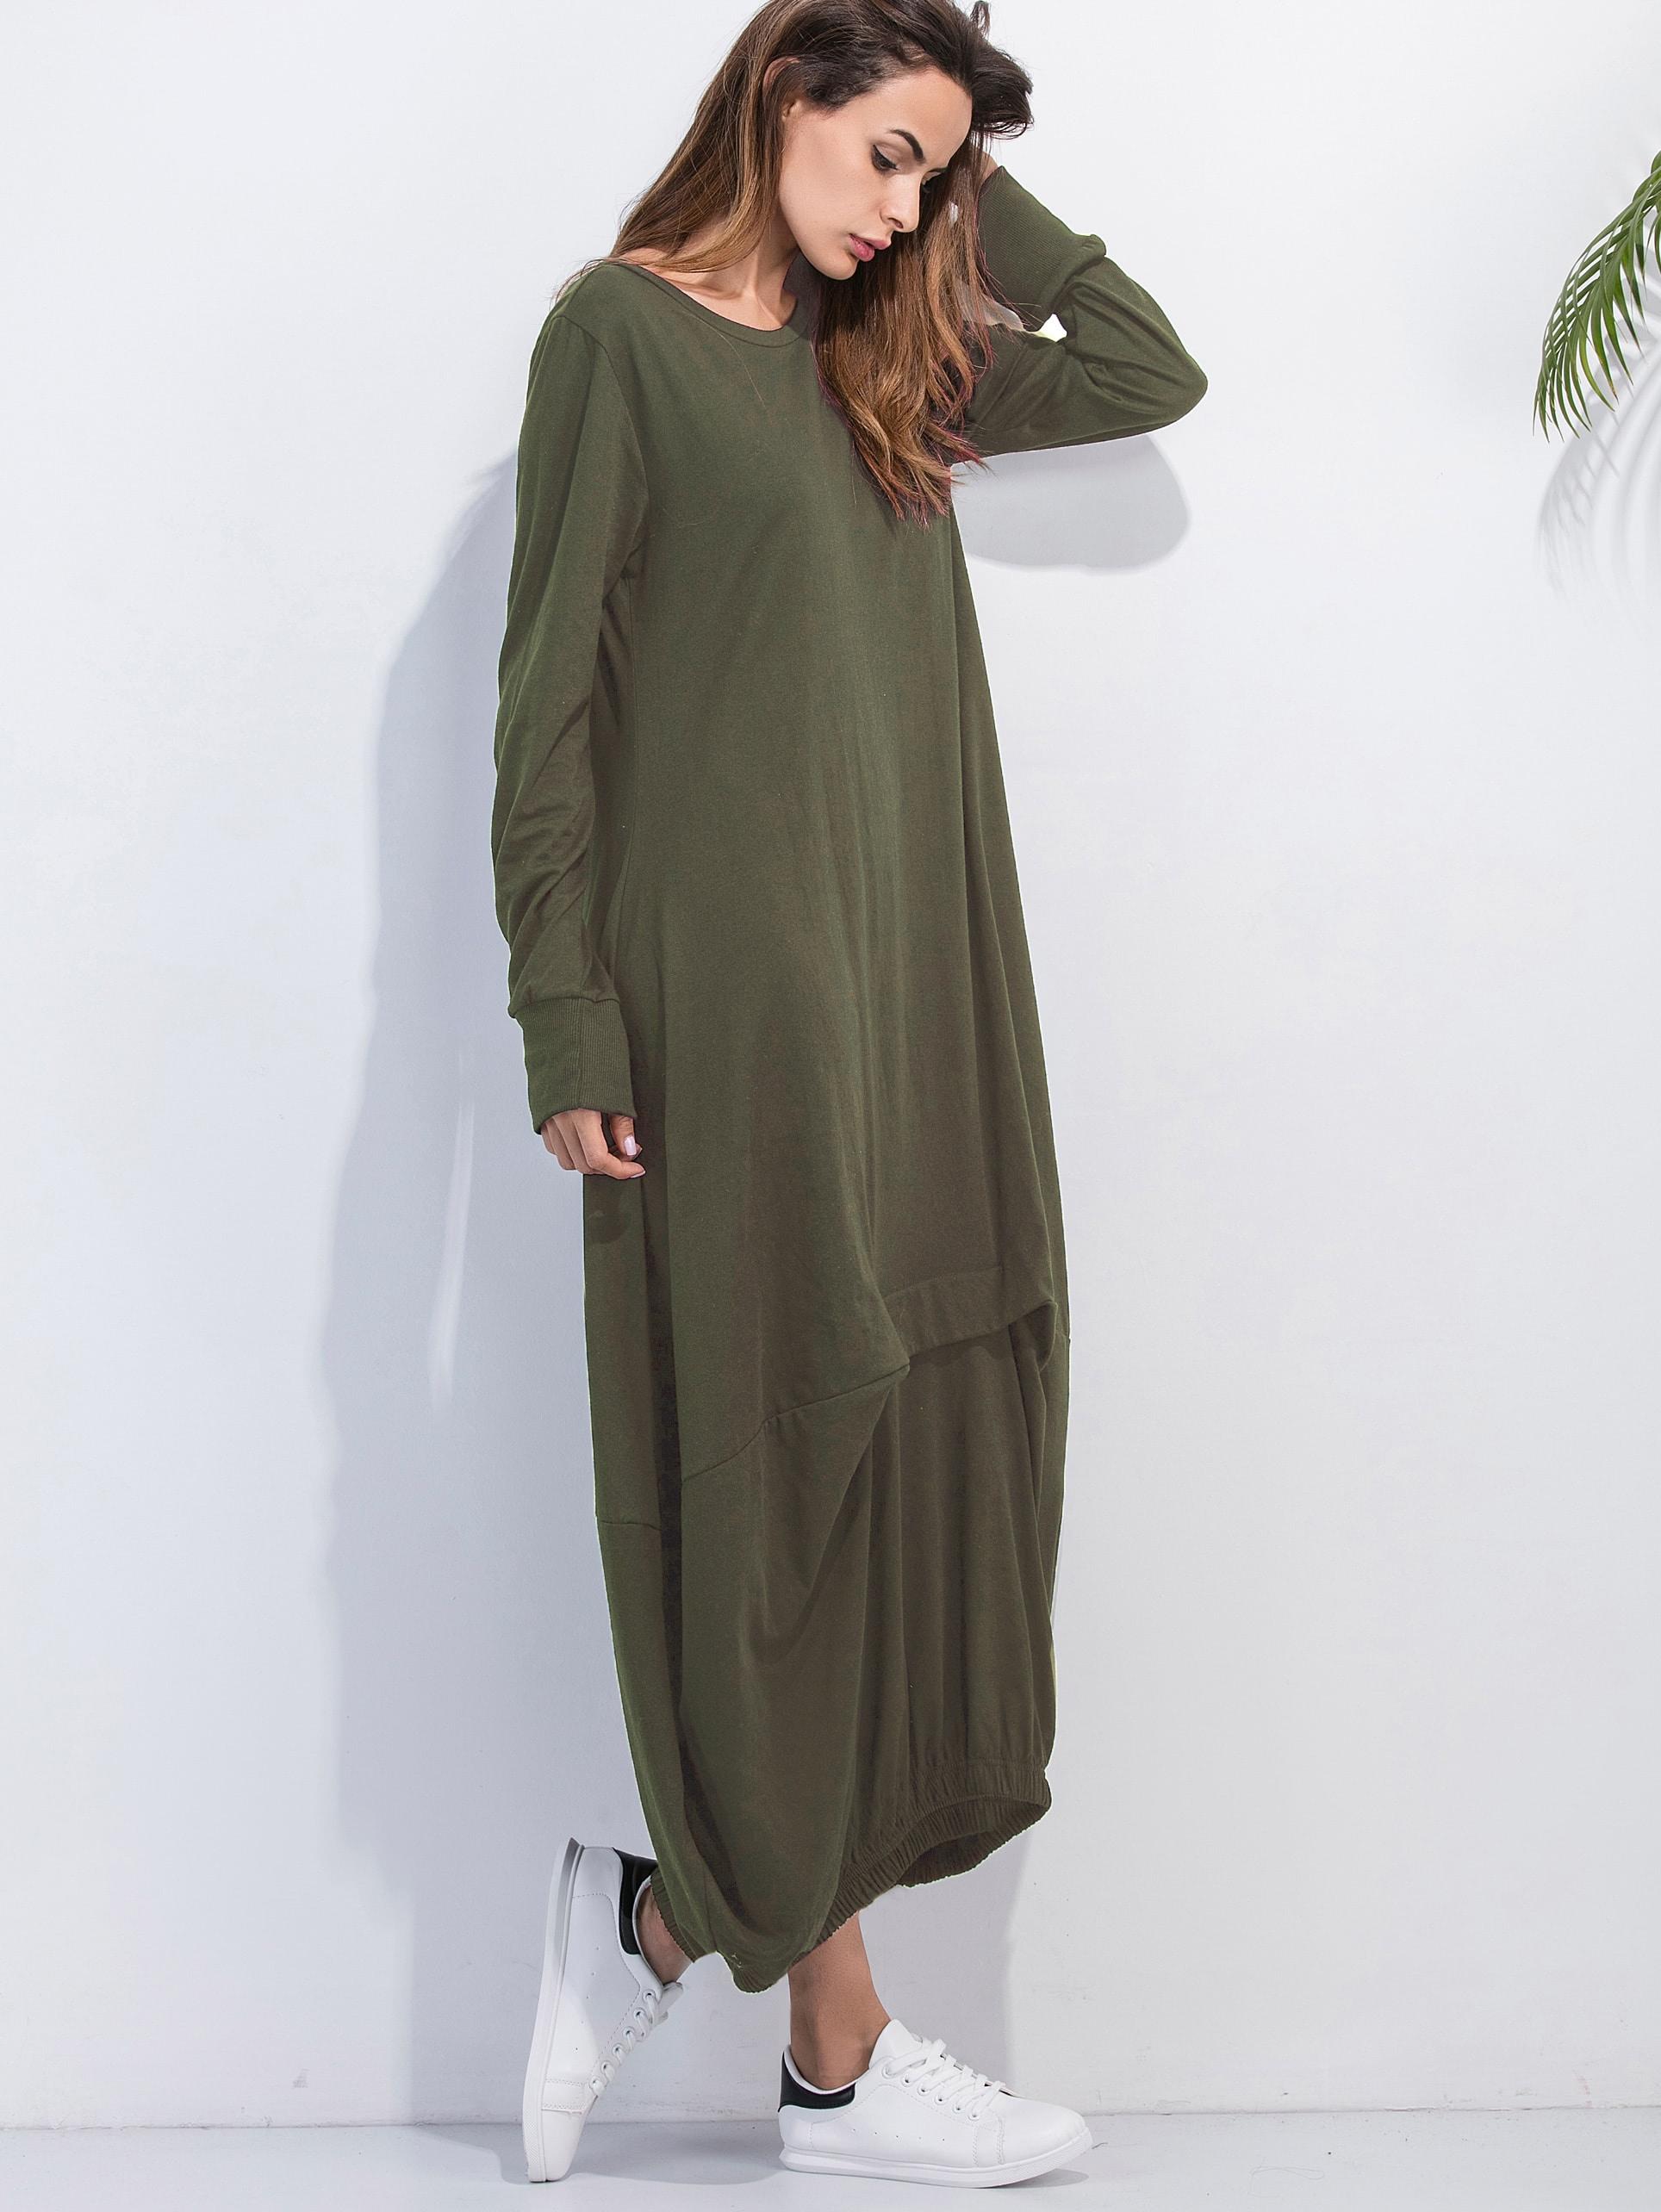 dress161125101_2